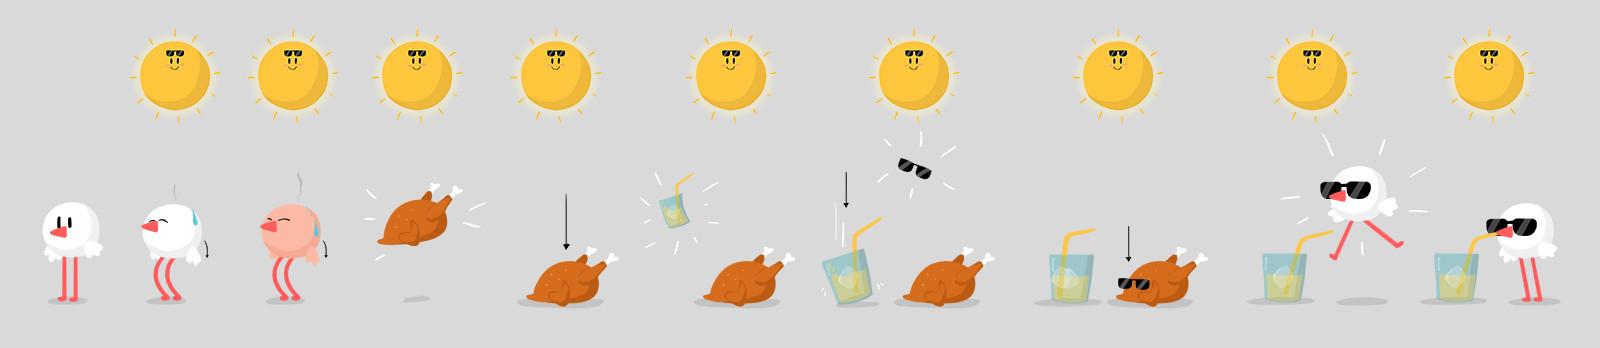 Bird_Pairing_Hot_o2_v001.jpg